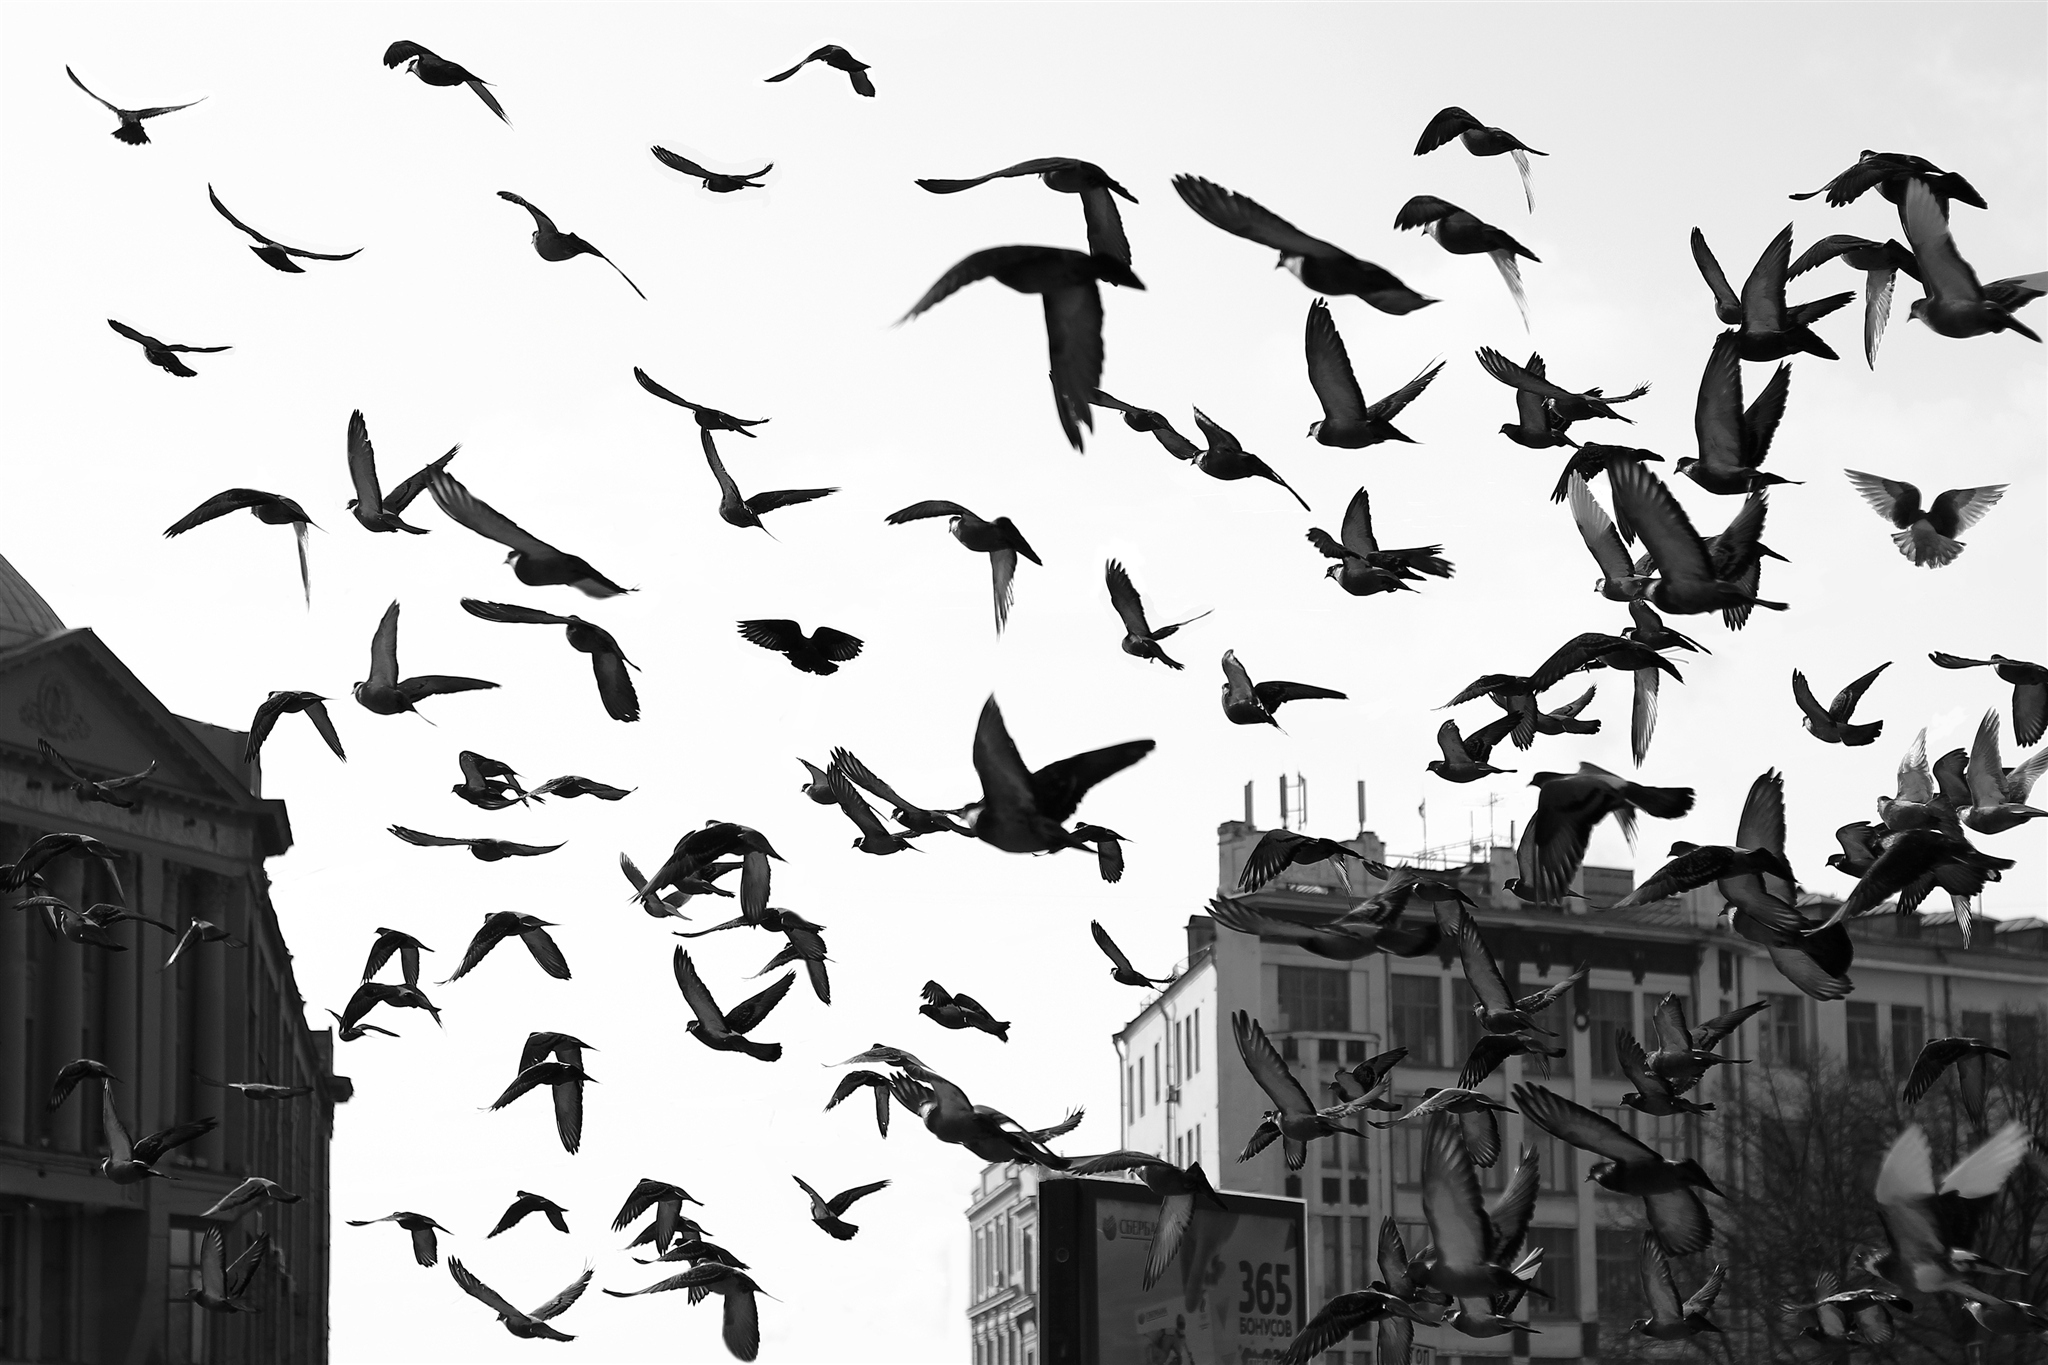 образования, птицы над городом данной странице предложены